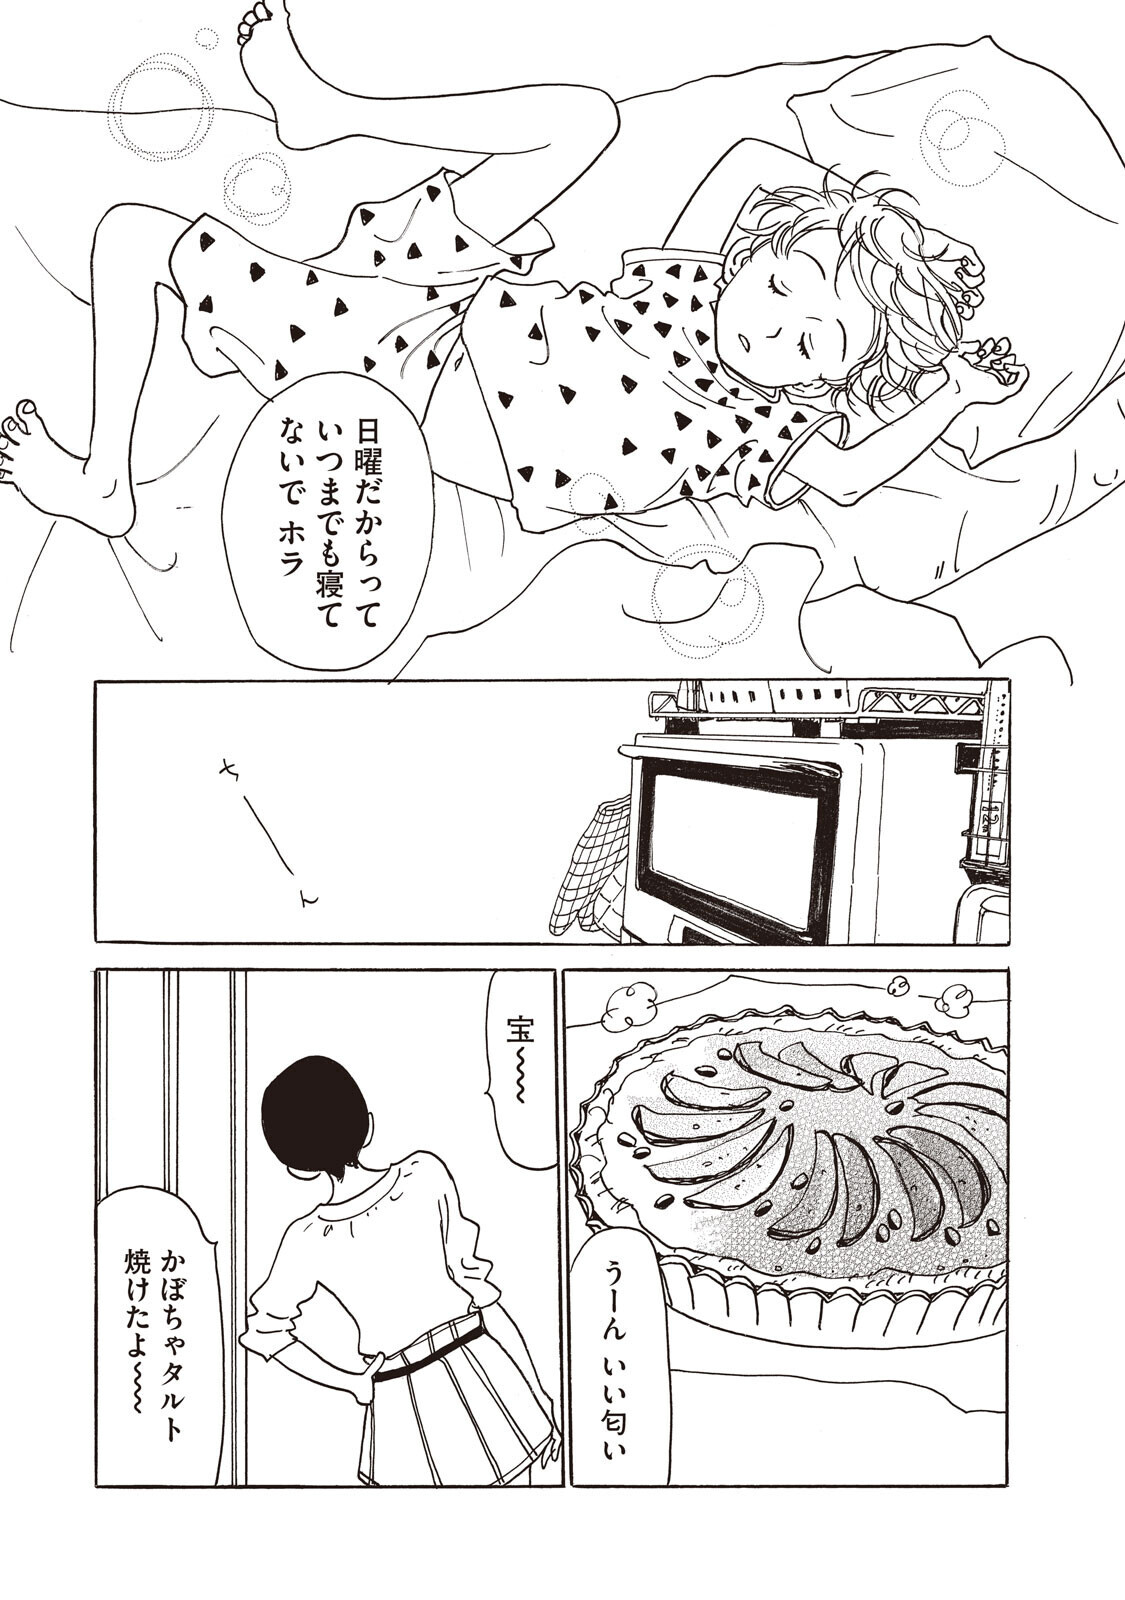 楽しい日曜日!の巻『ひらけ駒! 第2話』